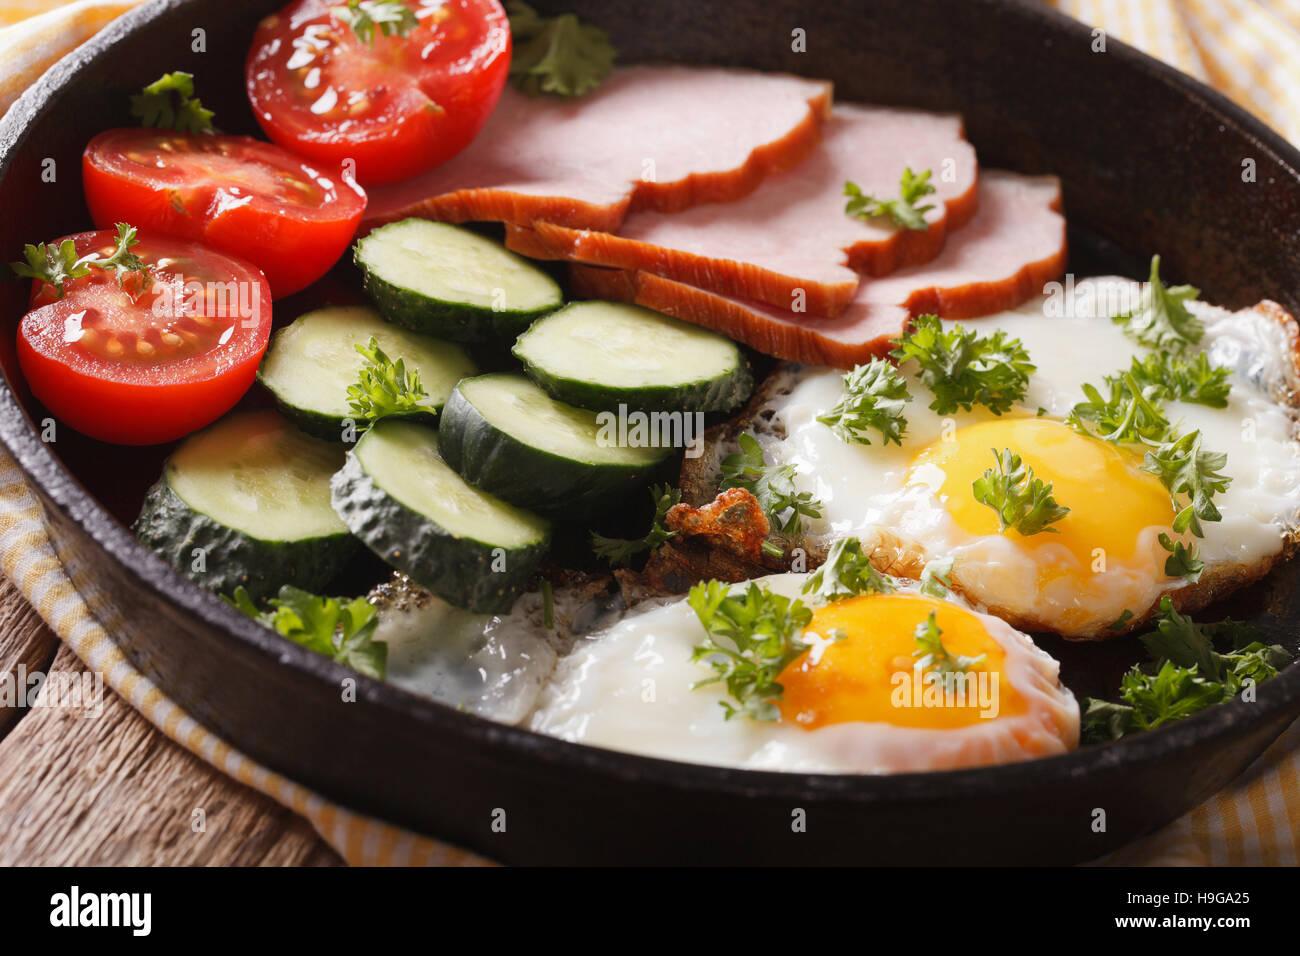 Desayuno casero: huevos fritos con jamón y verduras frescas en una cacerola cerca. Horizontal Imagen De Stock